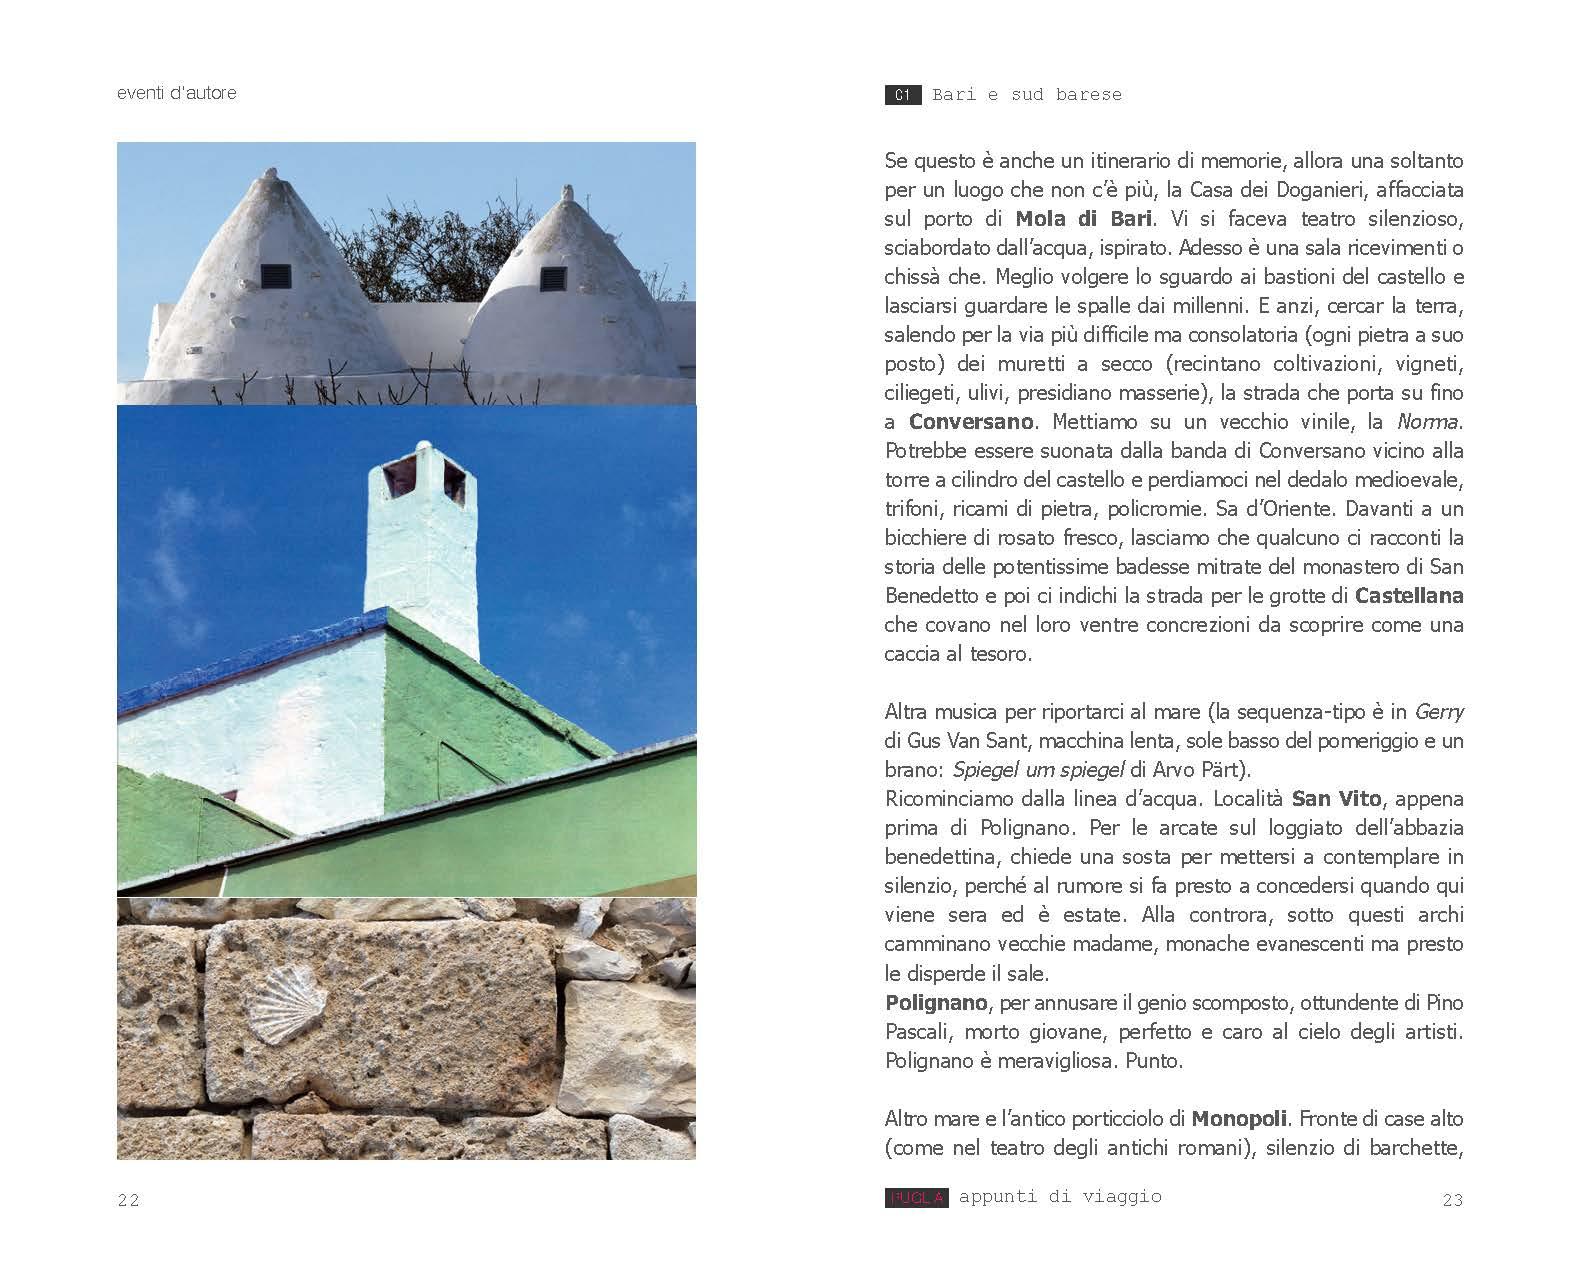 puglia_appunti_di_viaggio_Pagina_23.jpg